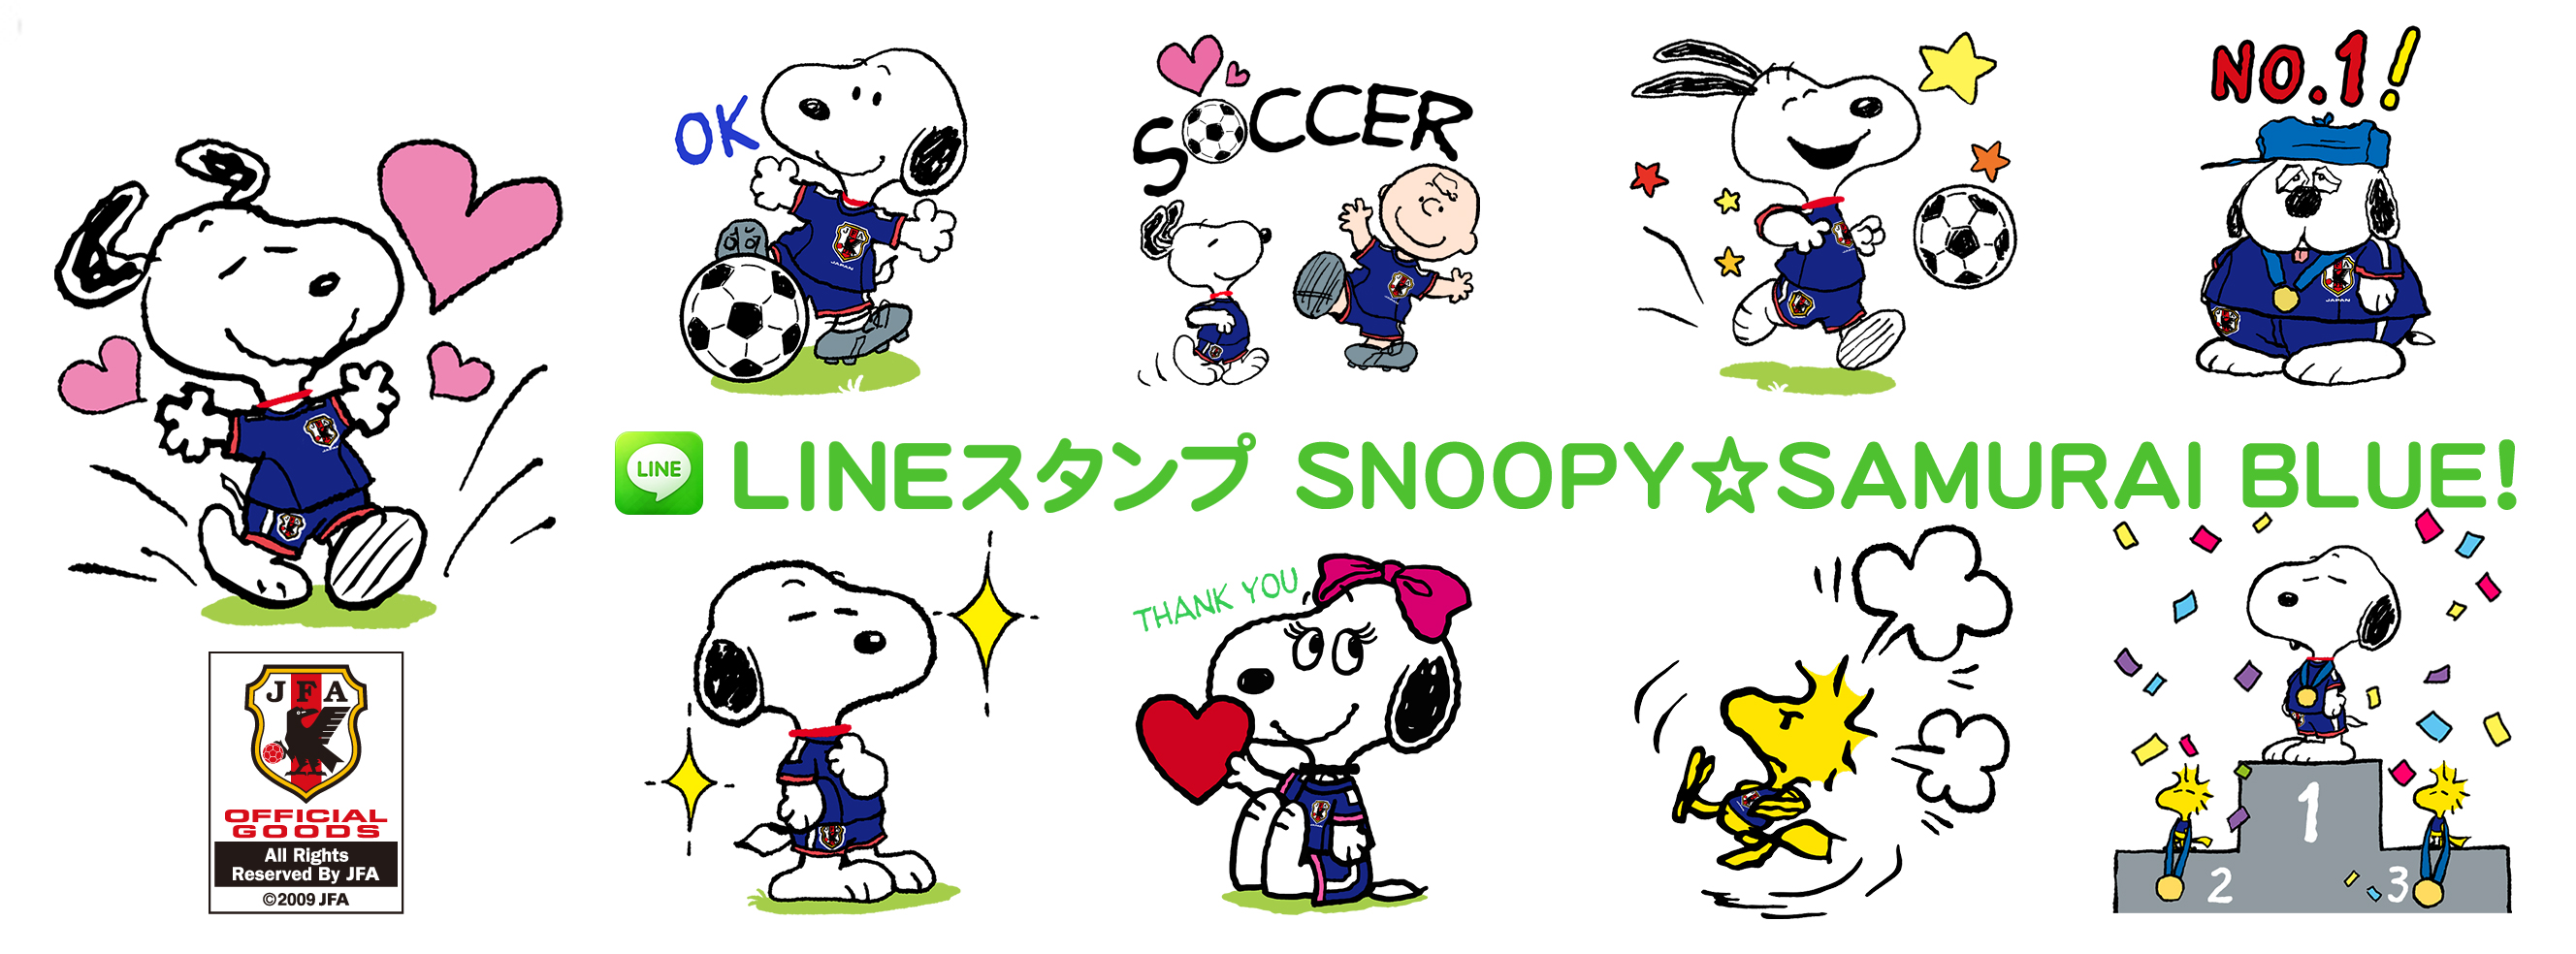 スヌーピーとサッカー観戦を盛り上がろう Snoopy Samurai Blue